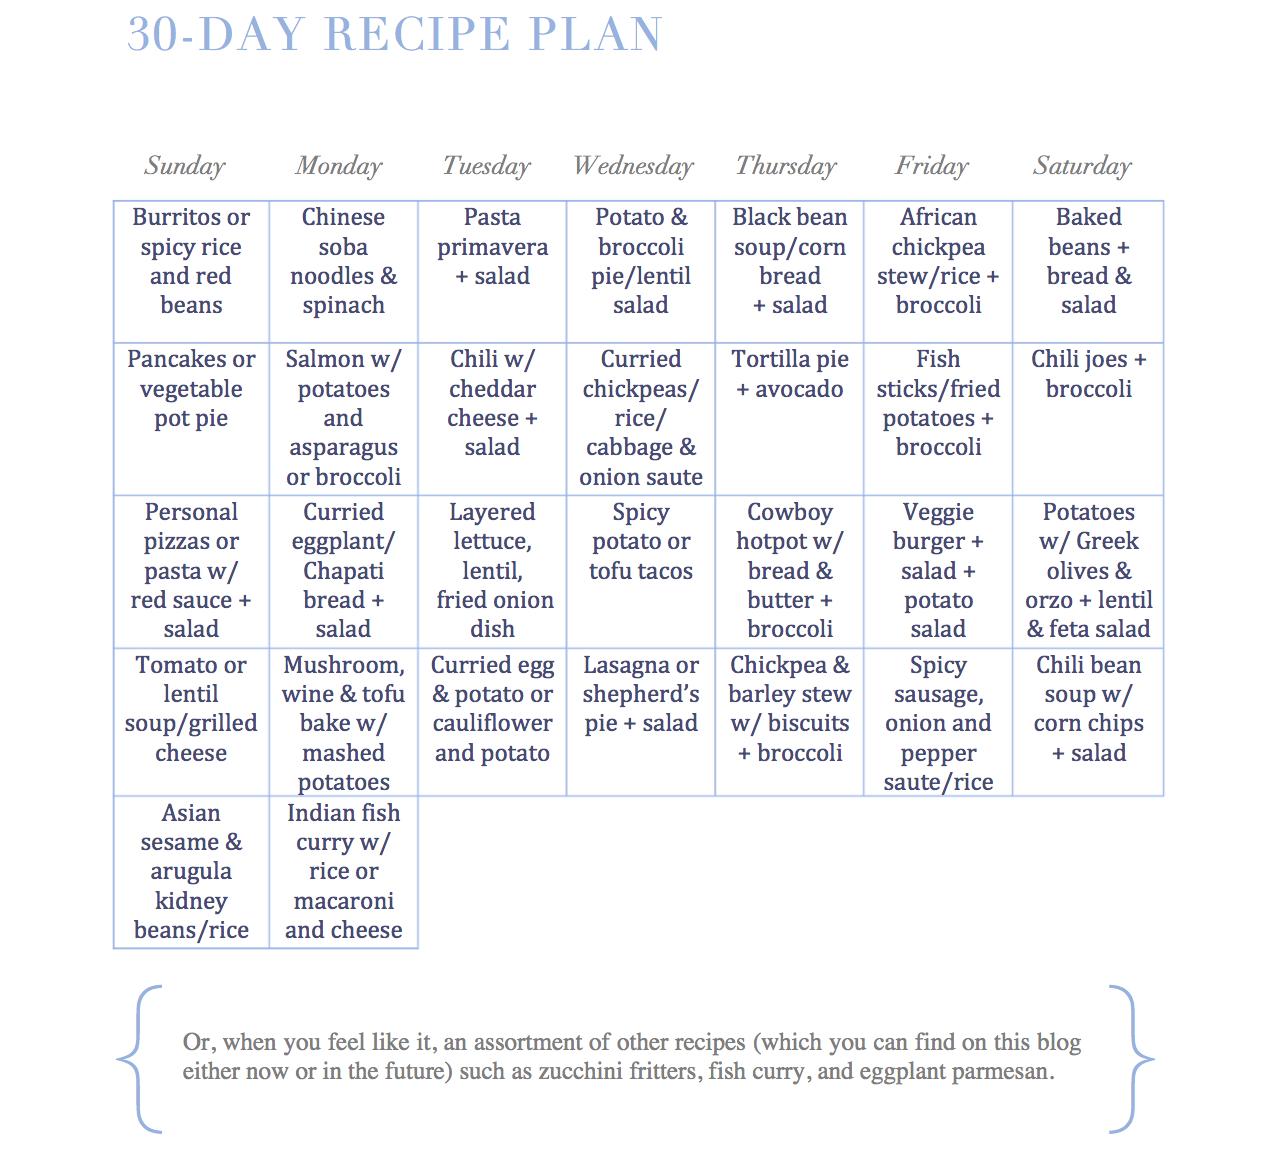 30 day recipe plan